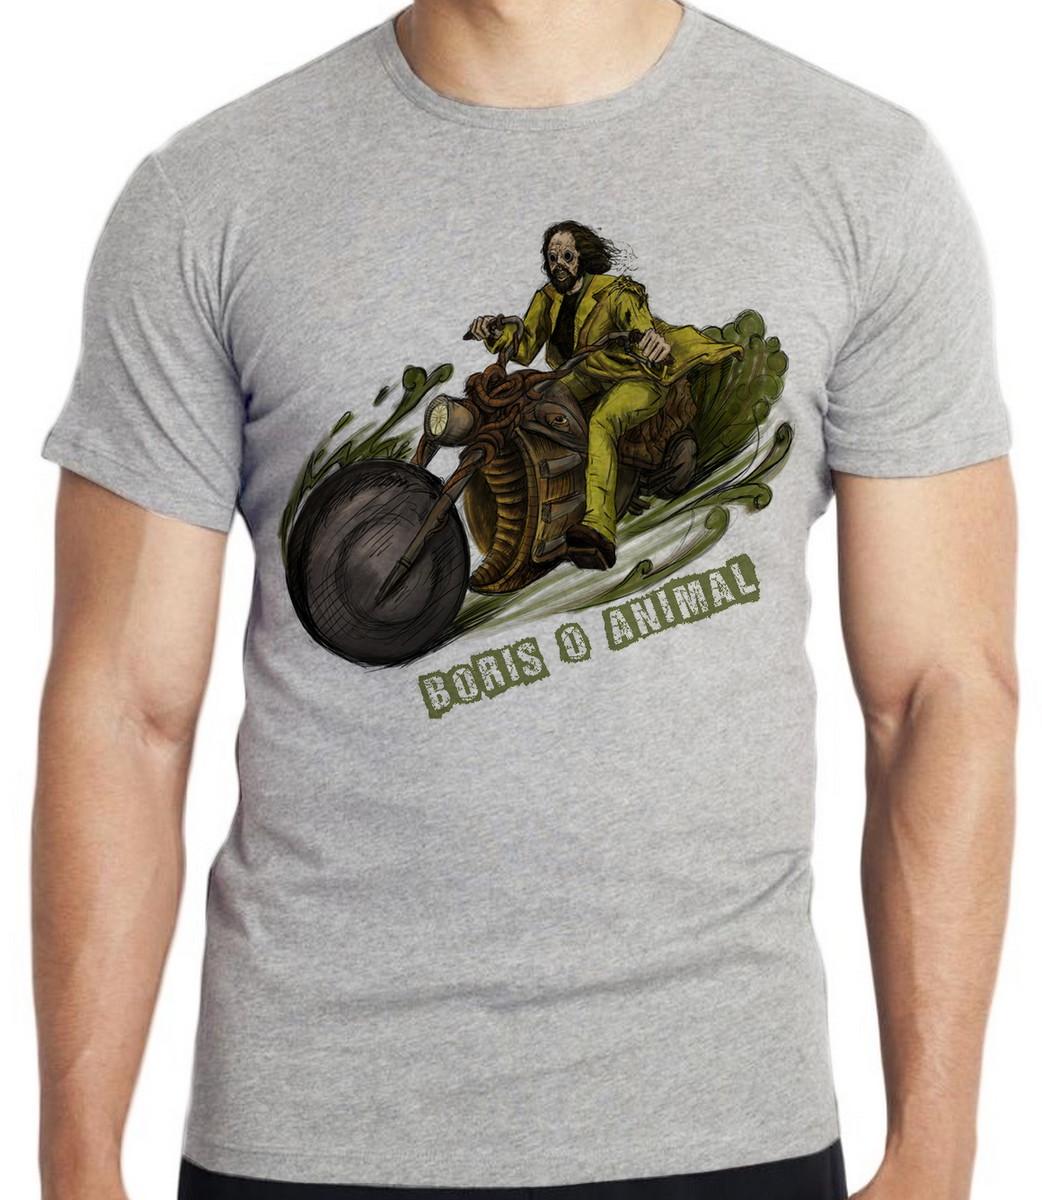 2791836ba camiseta infantil blusa criança boris animal mib homens pret no Elo7 ...